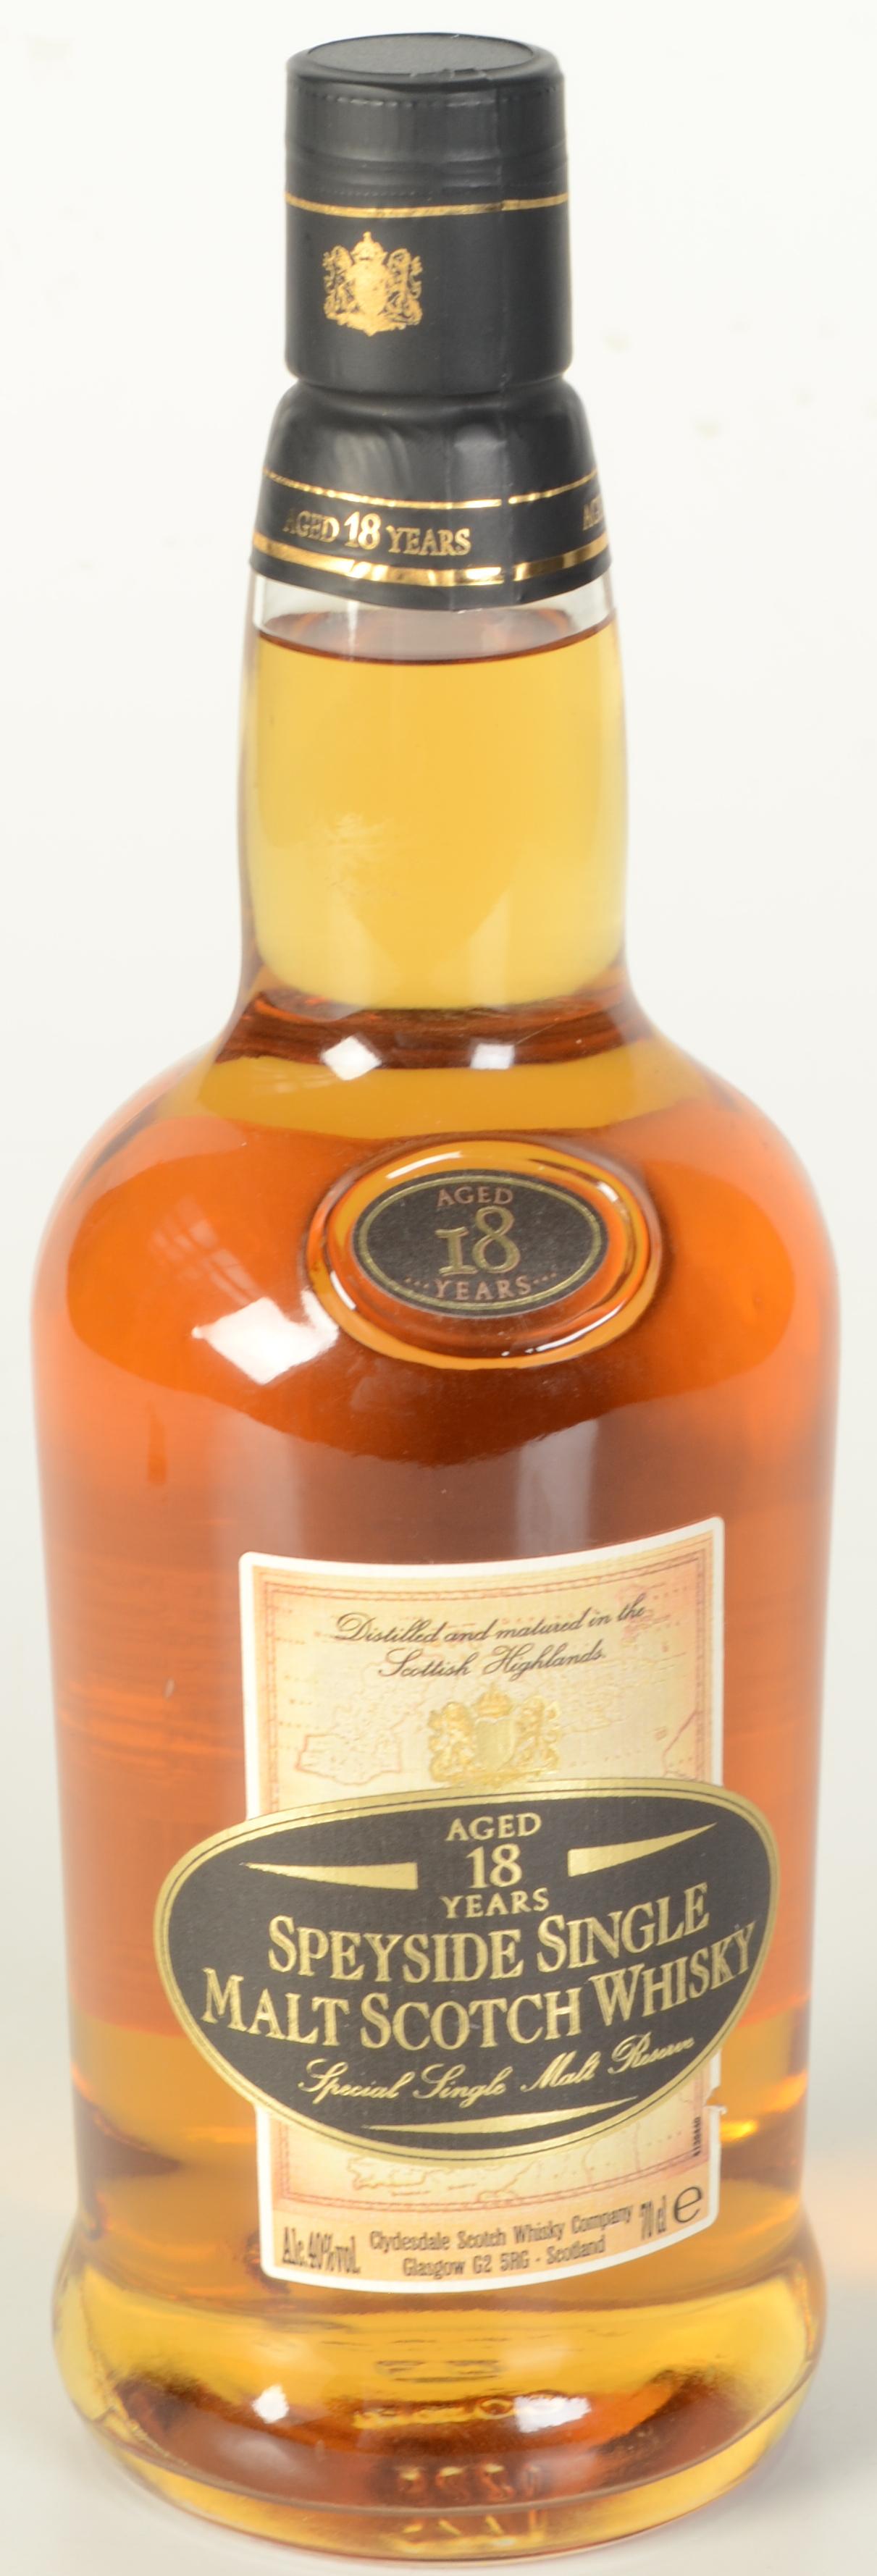 Lot 56 - A Speyside 18 year old single malt Scotch whisky, 70cl, 40% vol.